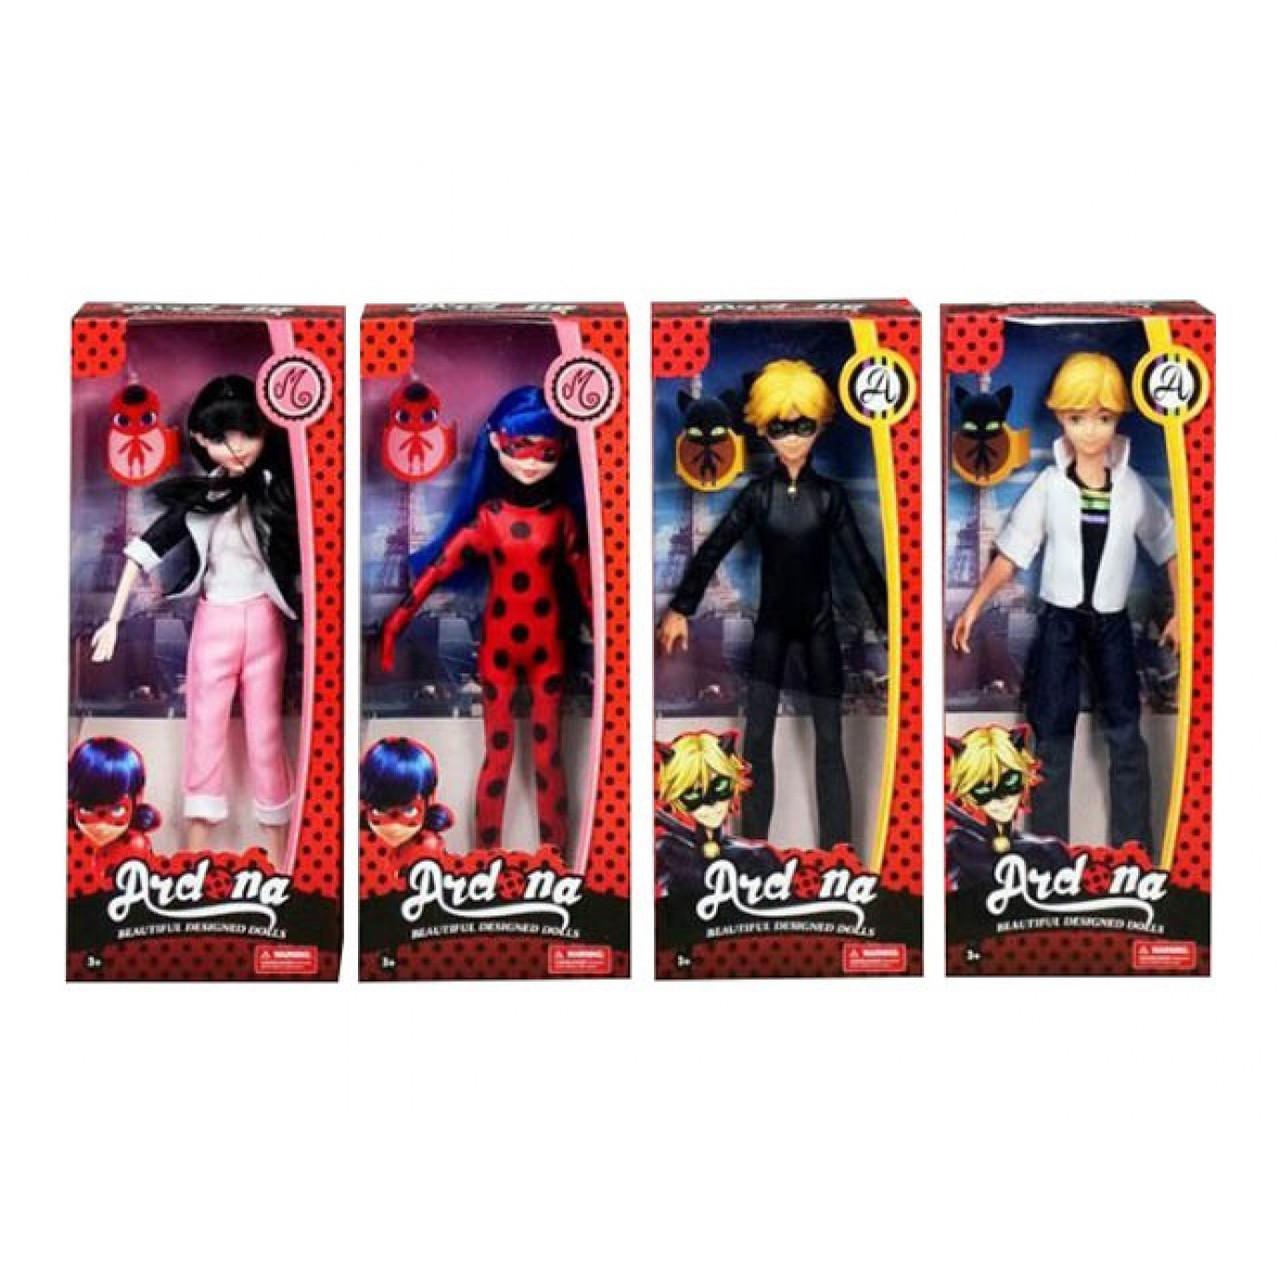 Лялька 27 см, на шарнірах, 4 види, коробці 32,5-14-6 см. (72) №DH2136